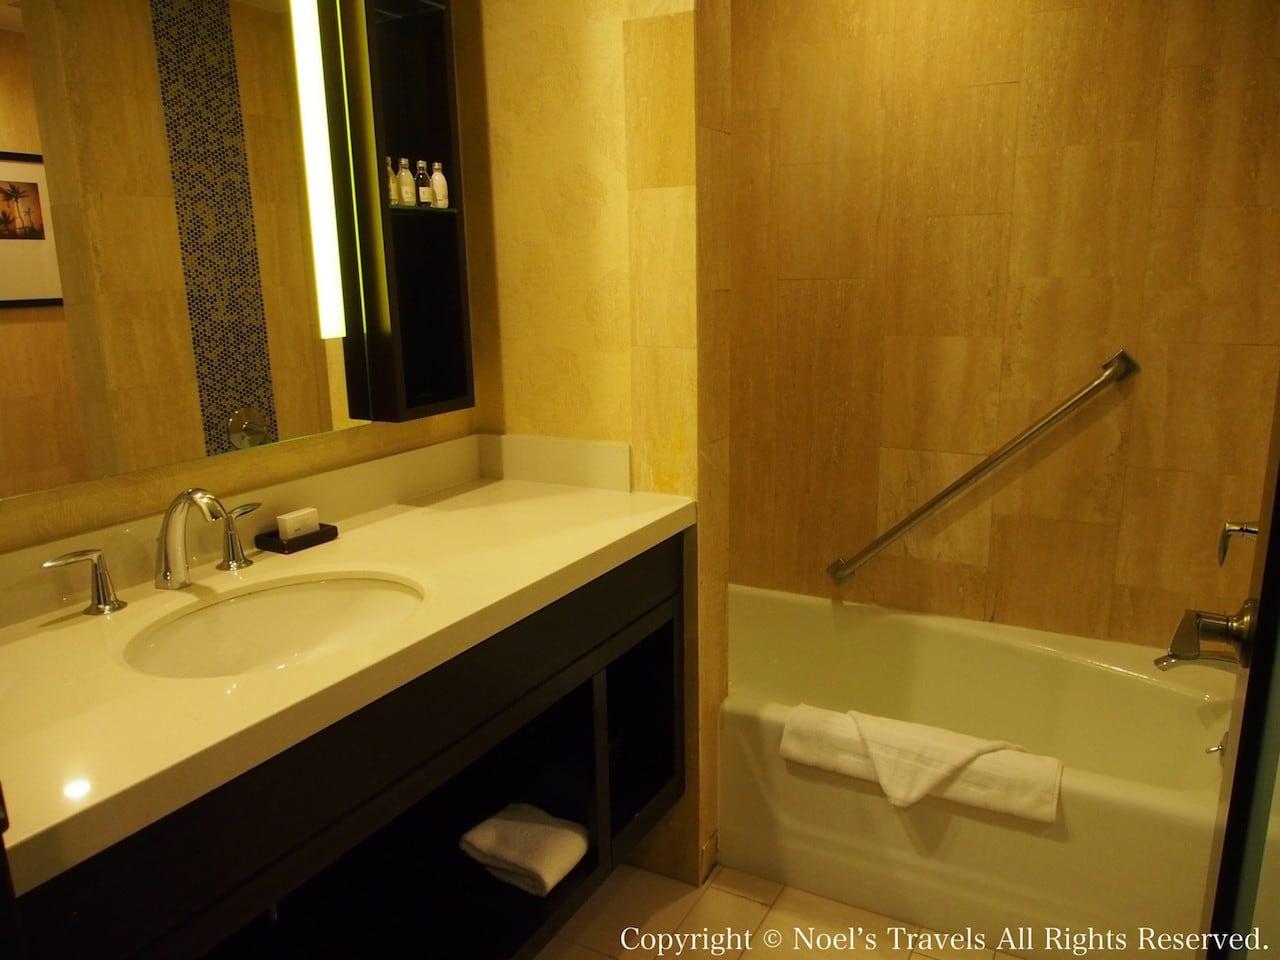 The LA グランドホテル・ダウンタウンのバスルーム